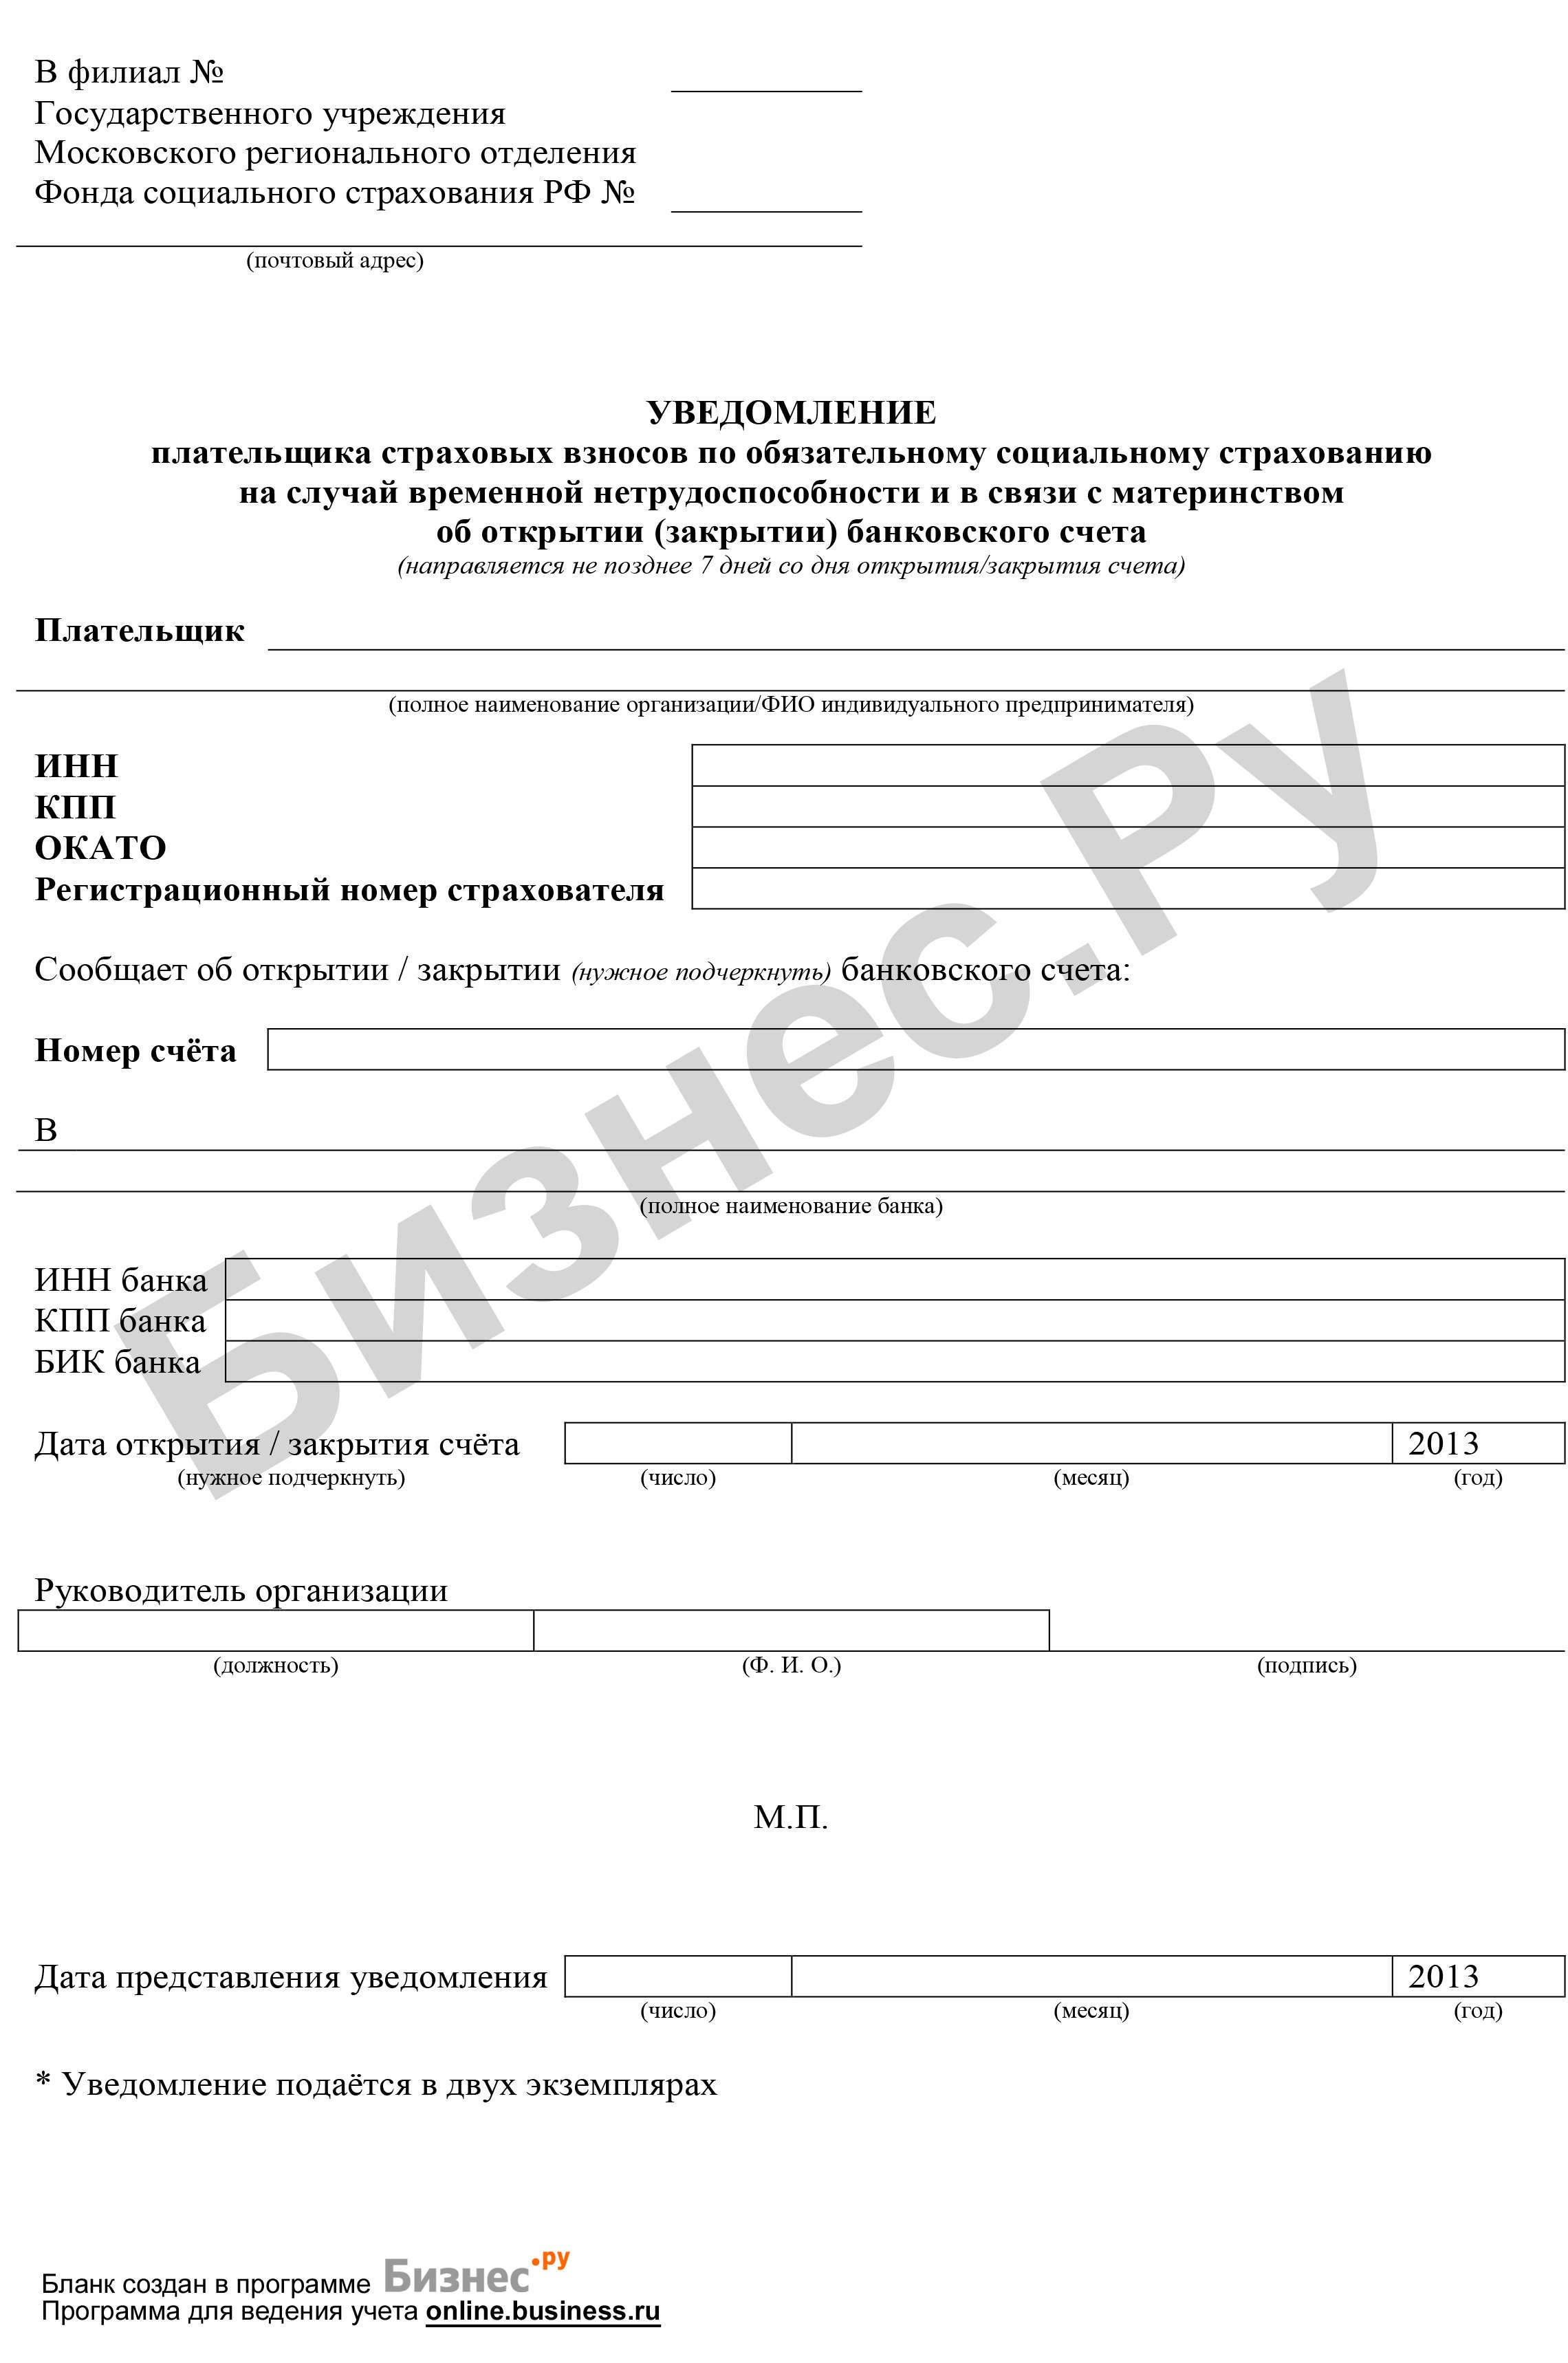 Поправки в налоговый кодекс с 1 января 2015 макаров